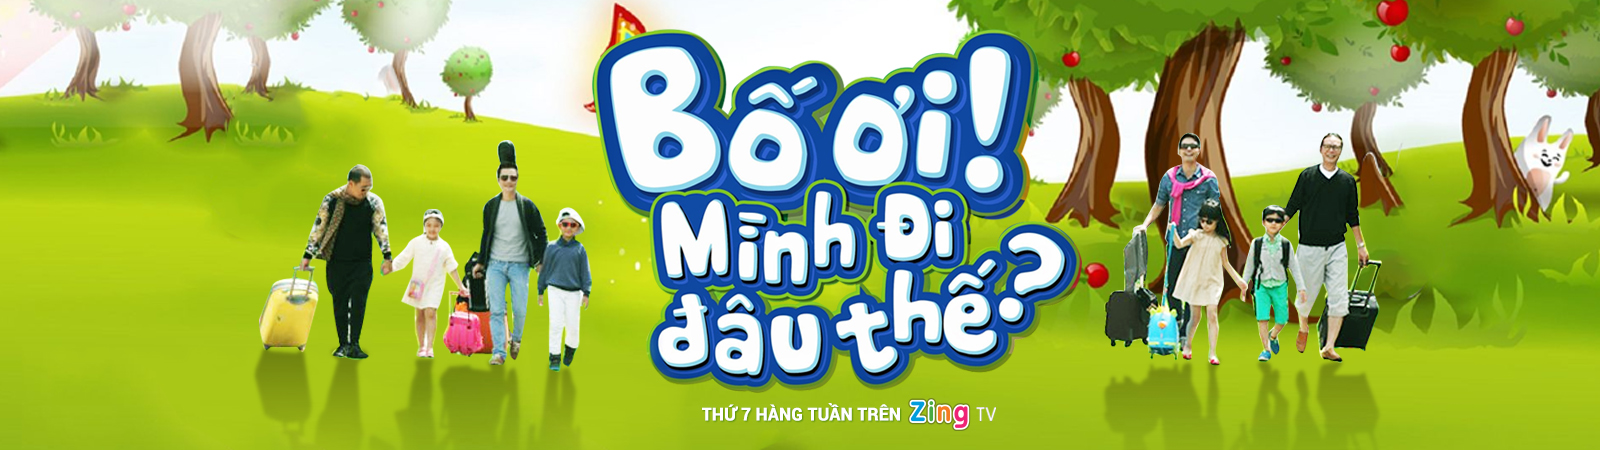 Tập 3 - Bố Ơi, Mình Đi Đâu Thế Việt Nam